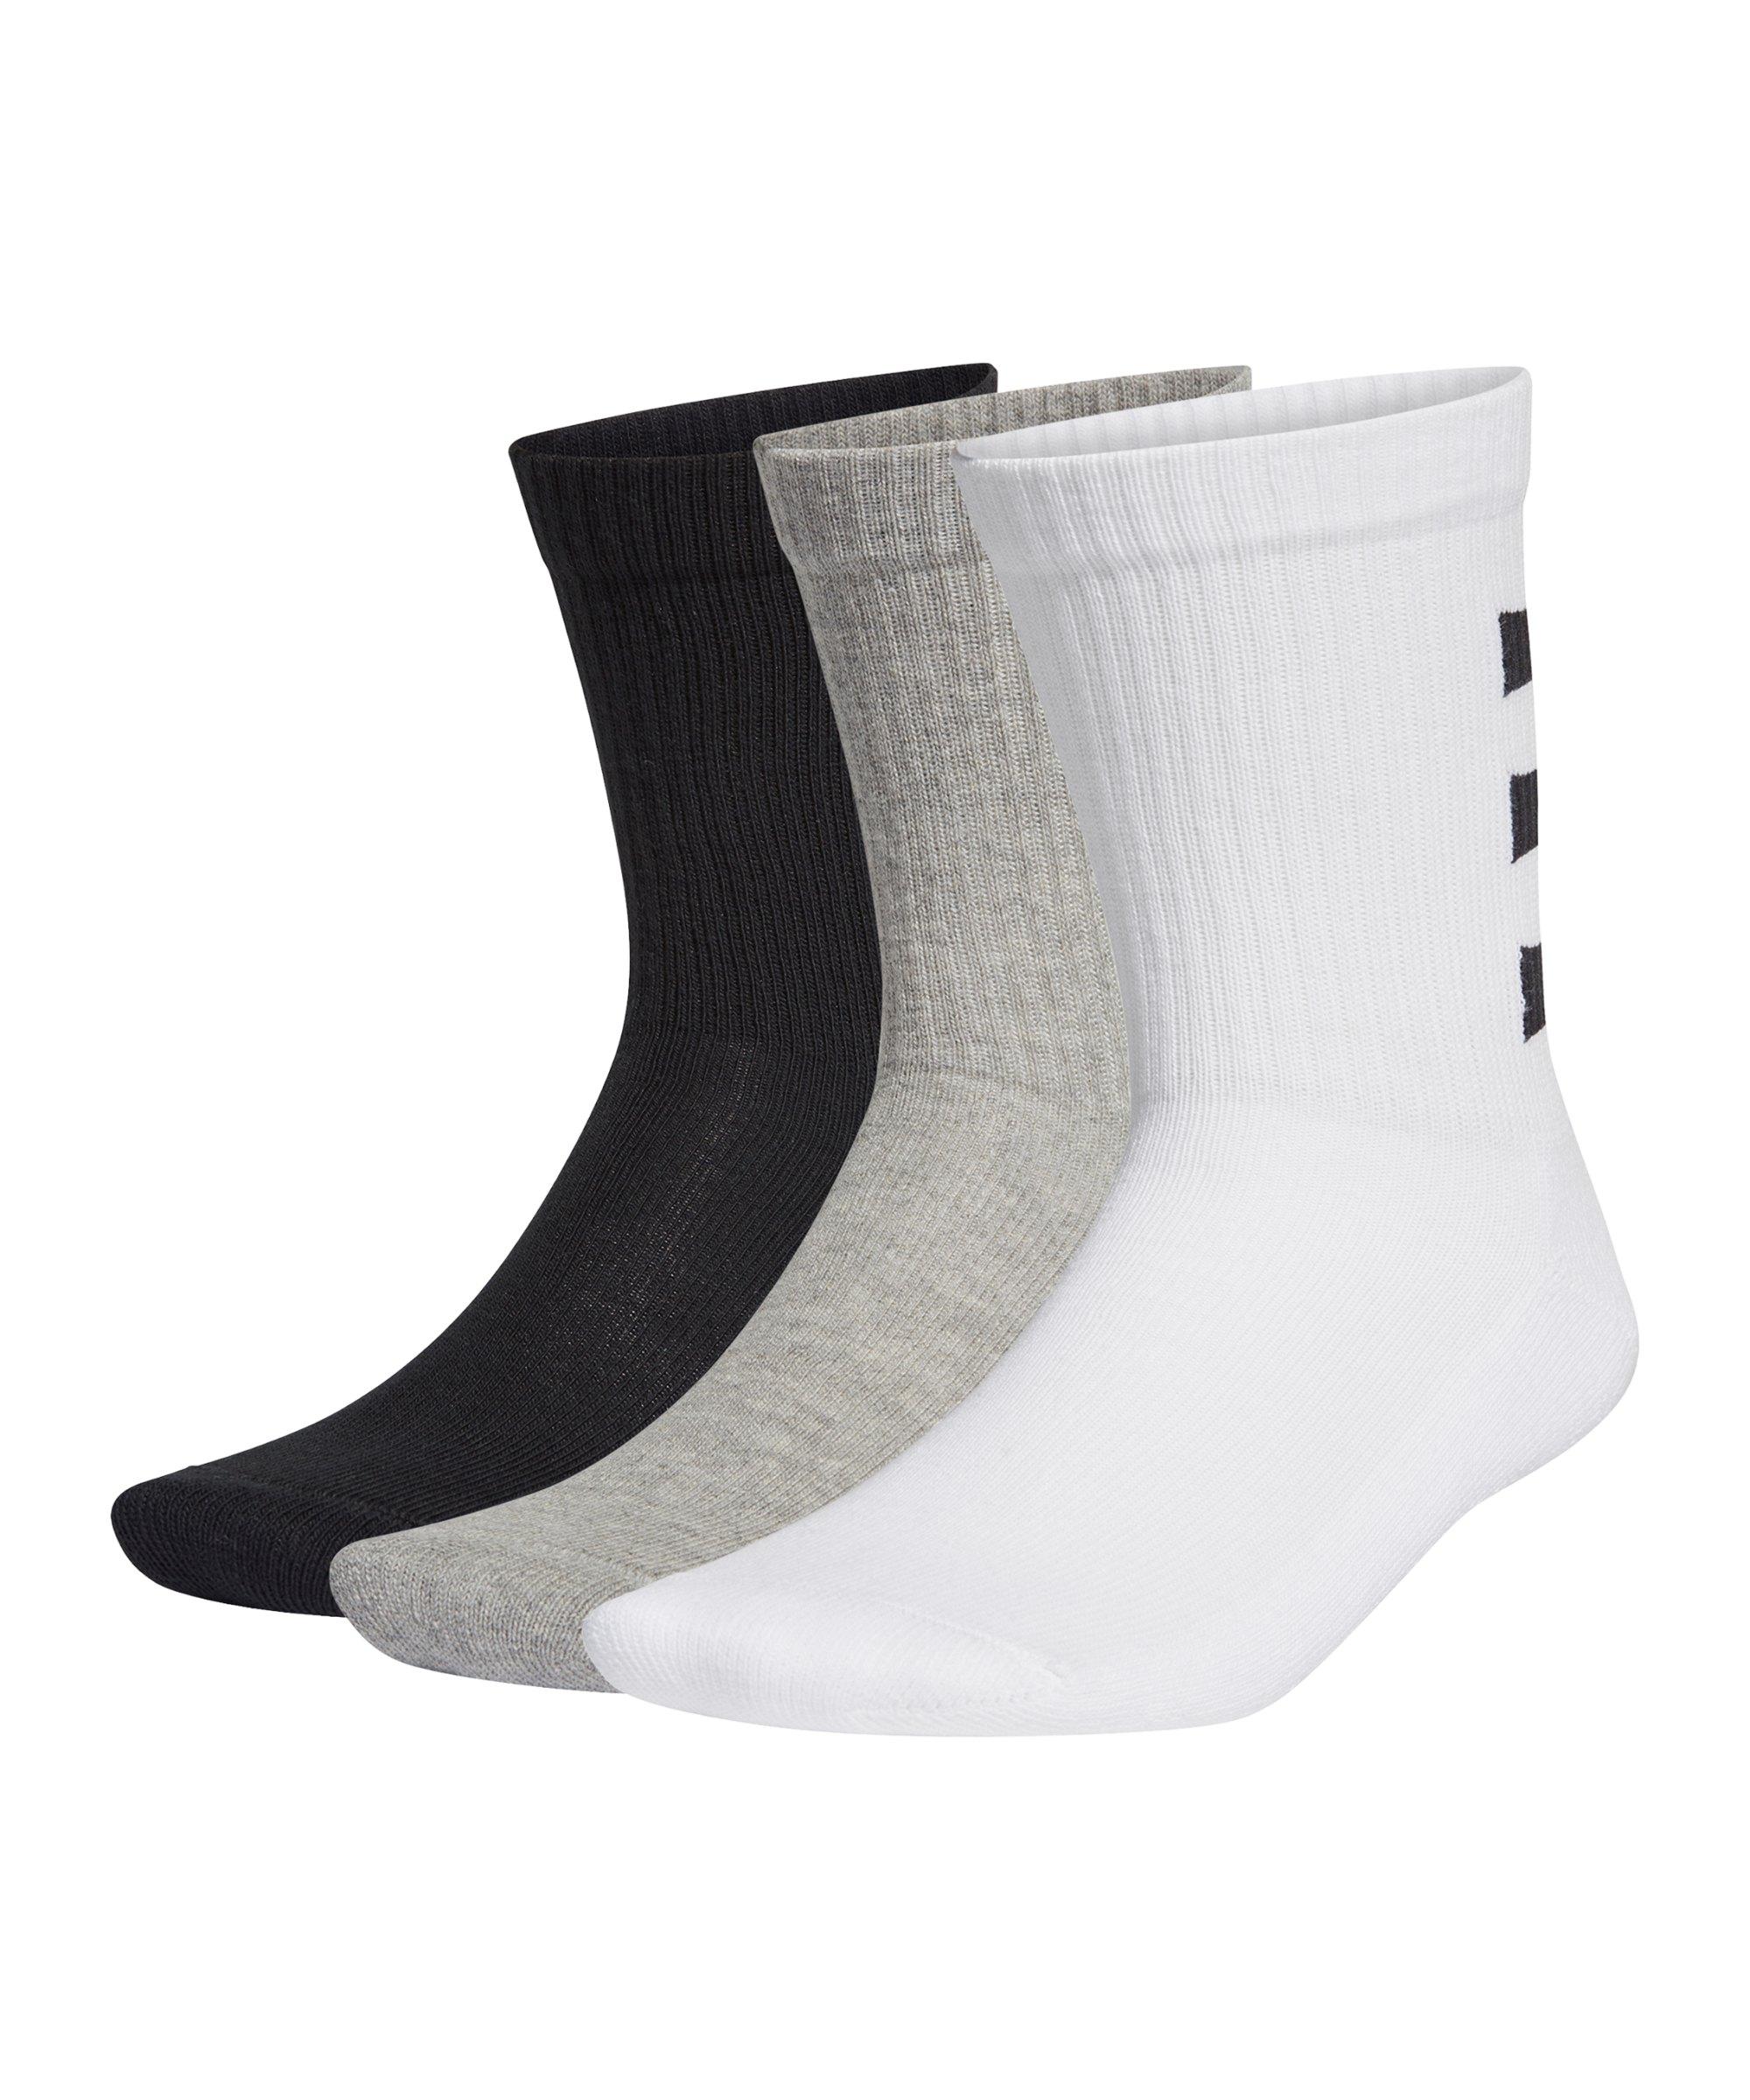 adidas 3S Ankle Socken 3er Pack Weiss Schwarz Grau - weiss